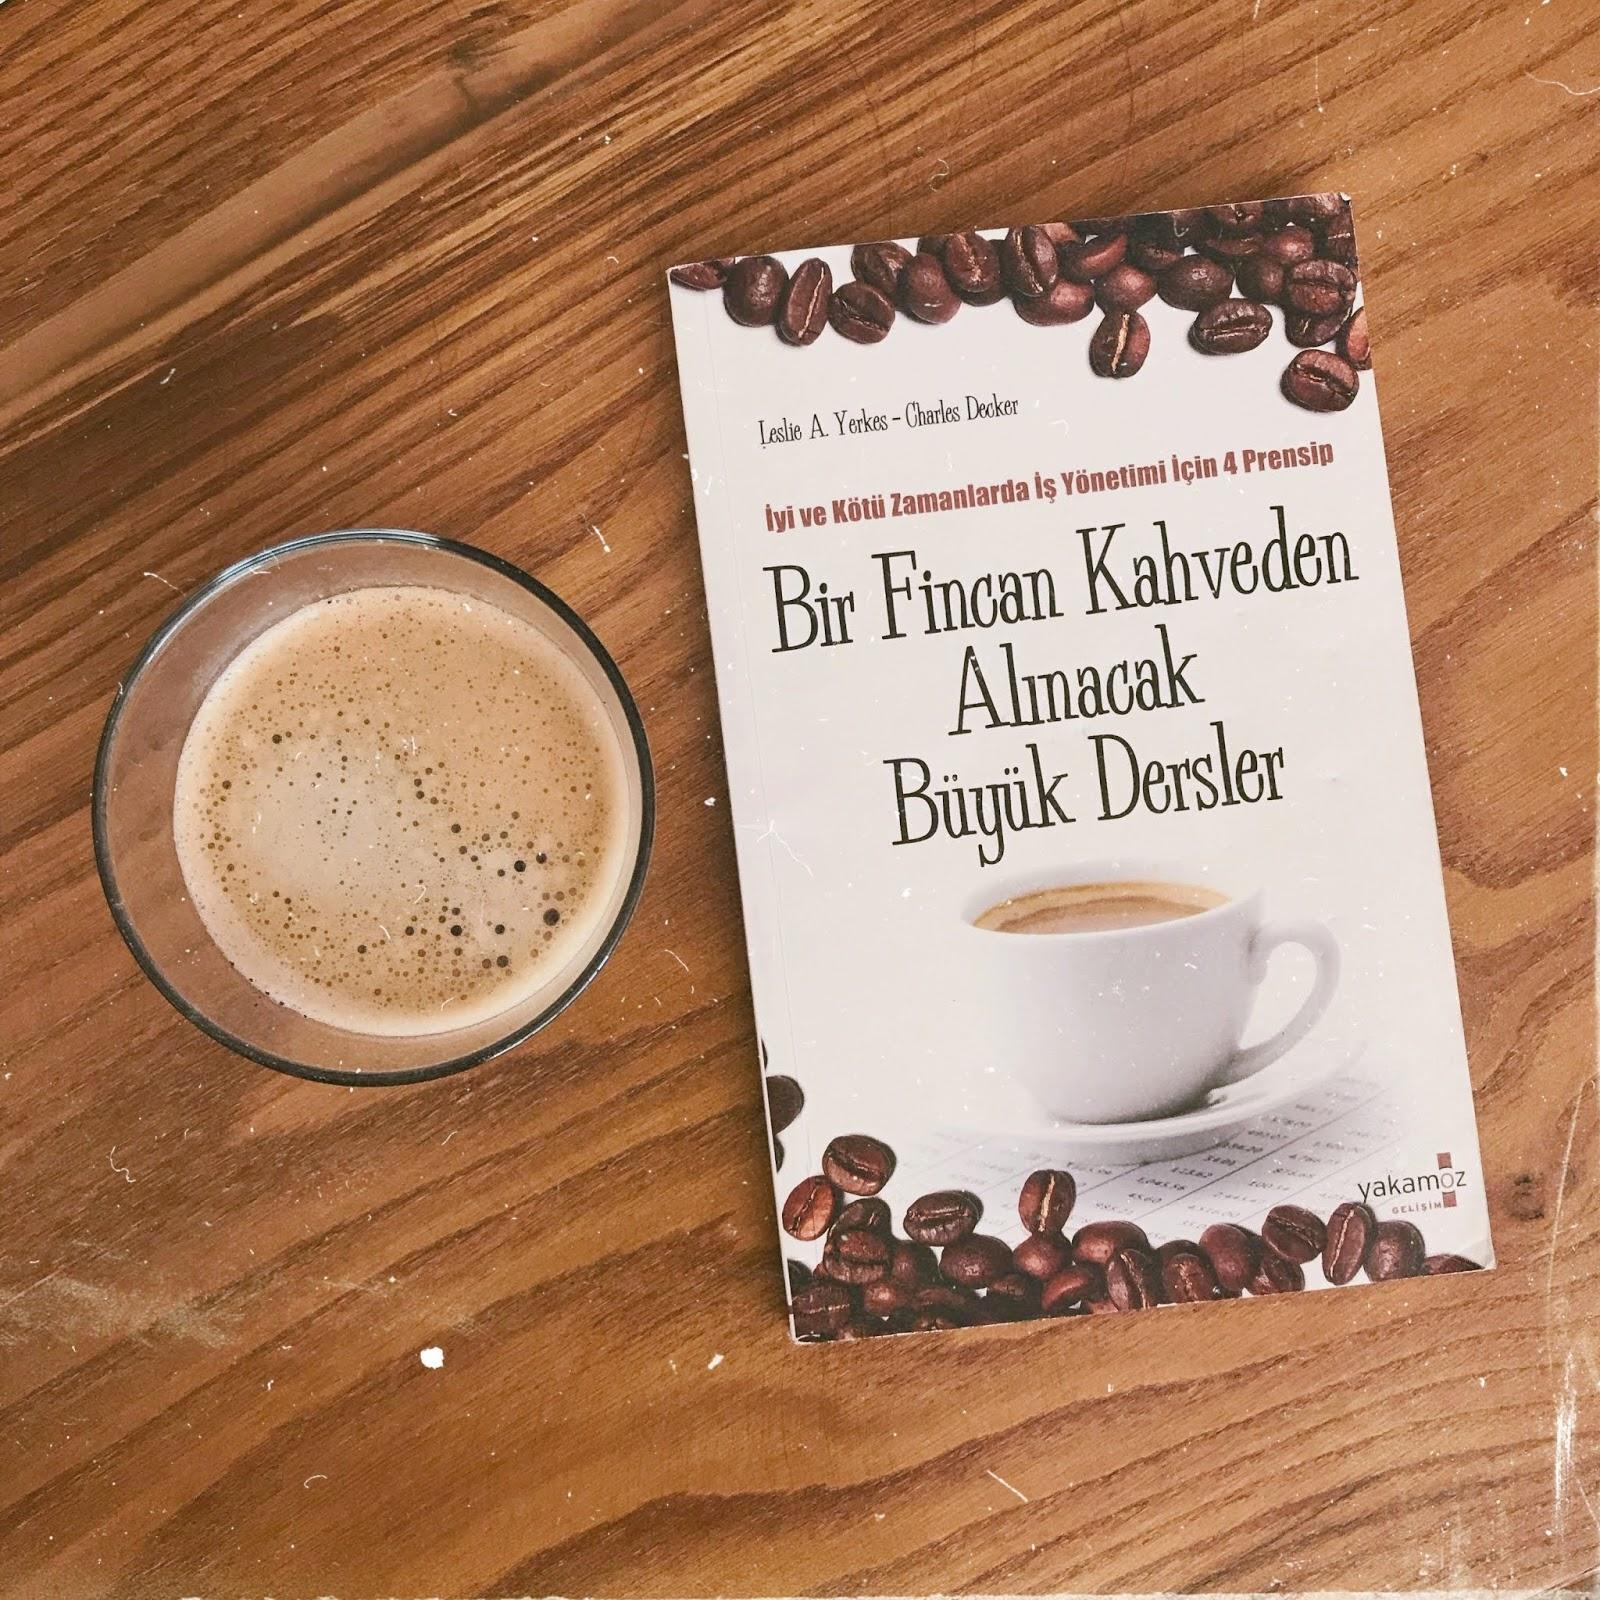 Bir Fincan Kahveden Alinacak Buyuk Dersler - Iyi ve Kotu Zamanlarda Is Yonetimi Icin 4 Prensip (Kitap)